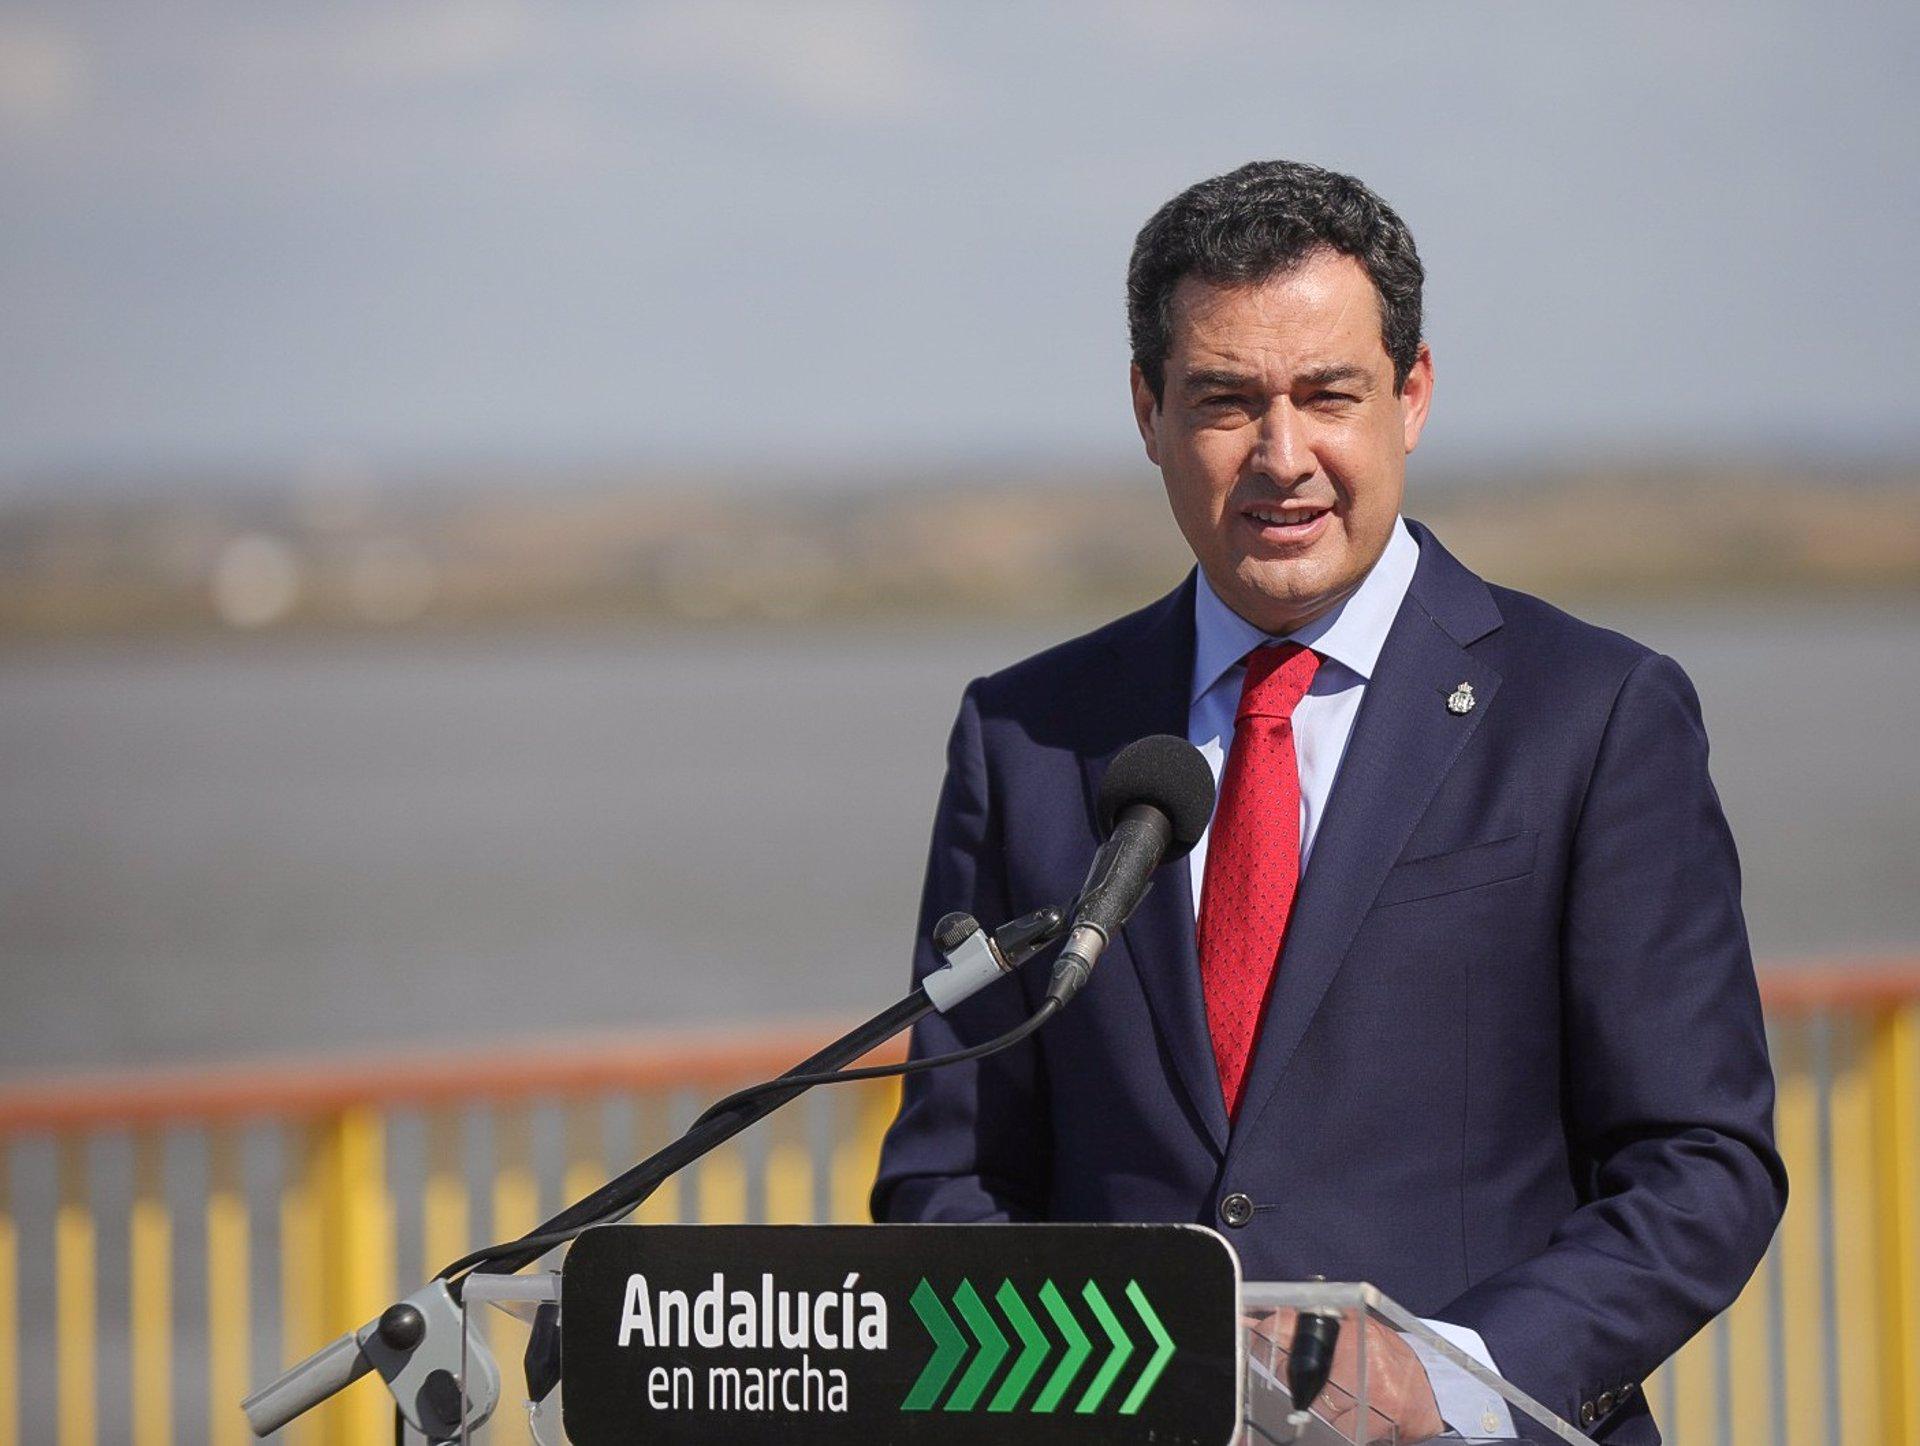 Moreno: «Las primeras horas sin estado de alarma confirman lo que veníamos avisando» por decisión del Gobierno